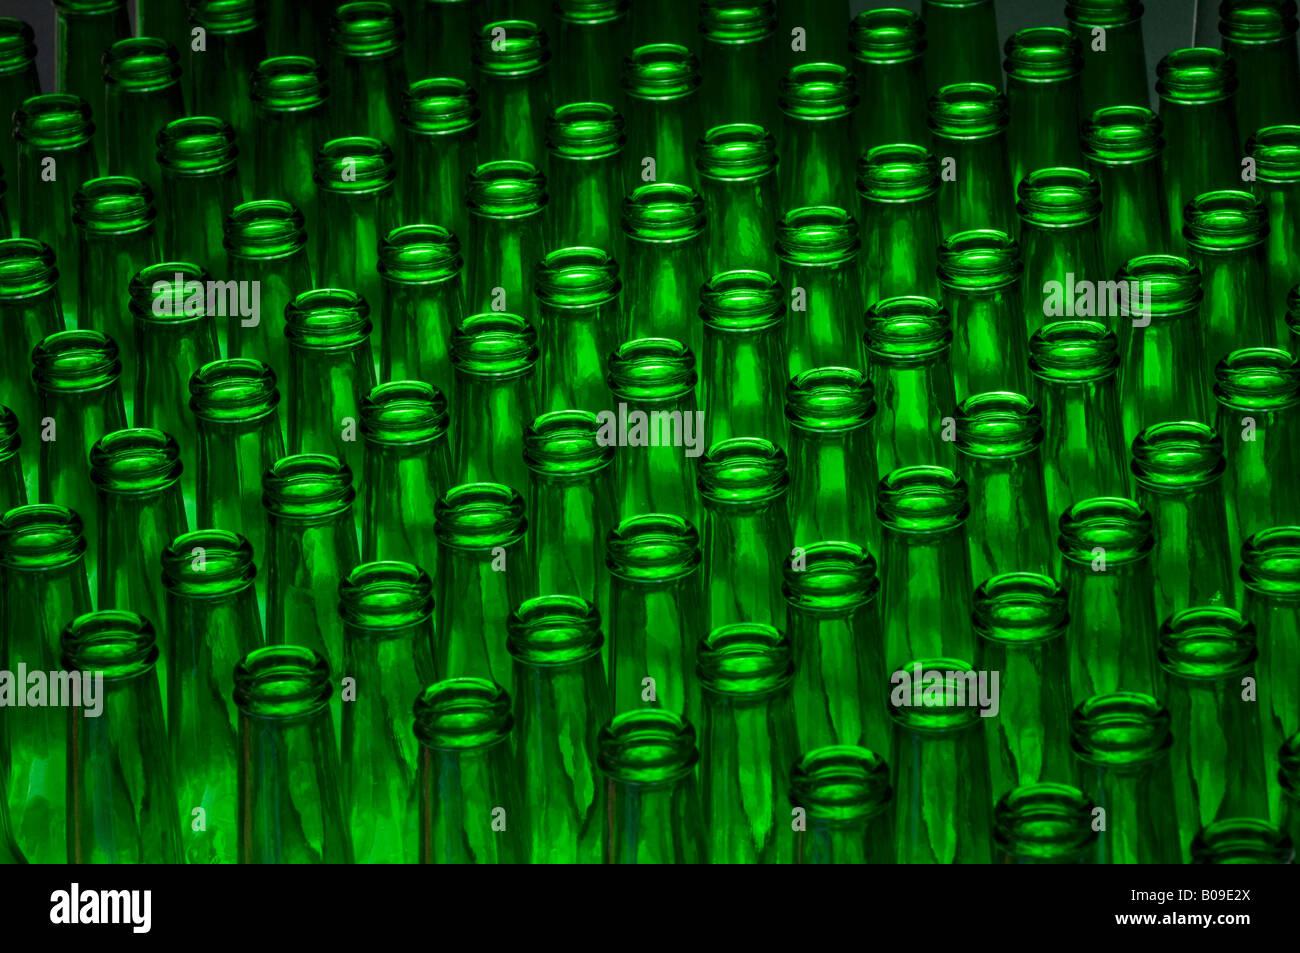 Verde di vuoti di bottiglie di birra pronta per essere riempita con birra o riciclata Immagini Stock